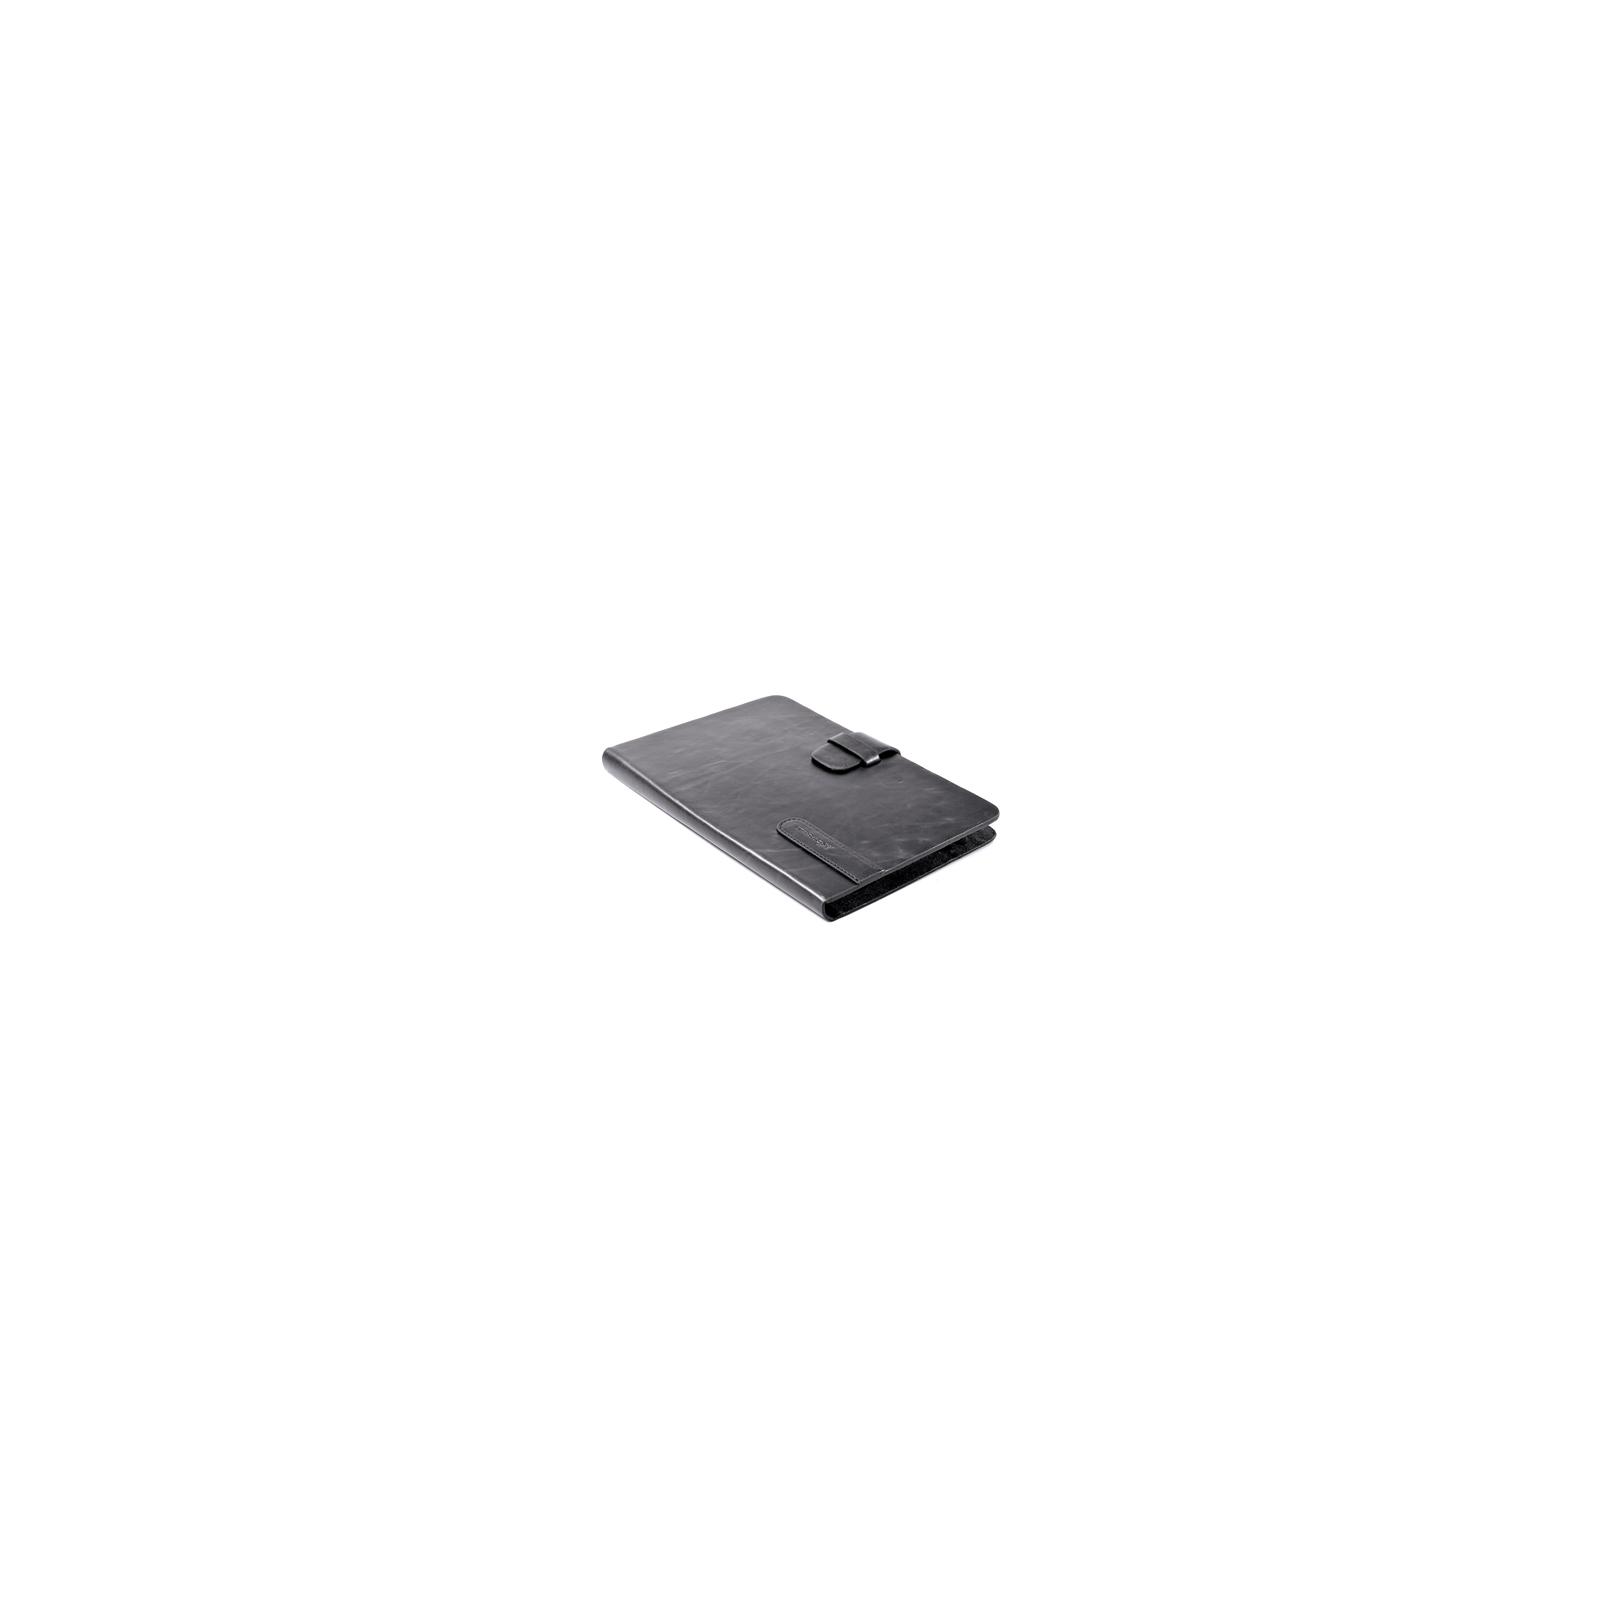 Чехол для планшета Grand-X 7 Oxford 707 Black (UTC - OX707B)